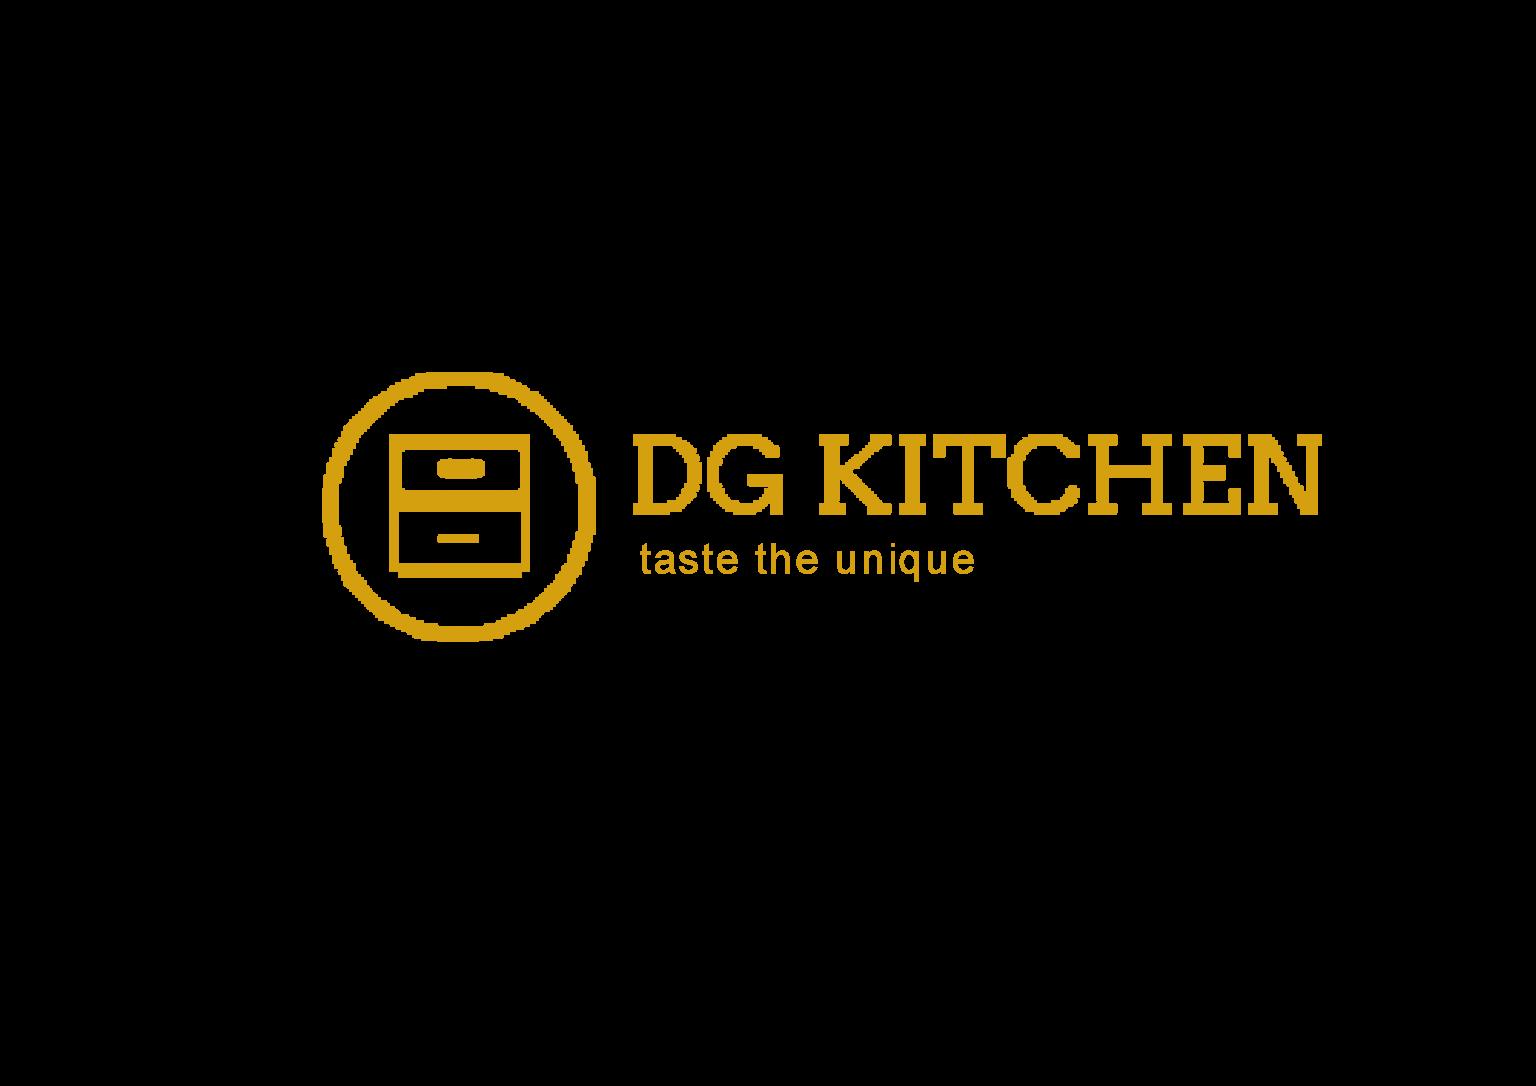 dg kitchen